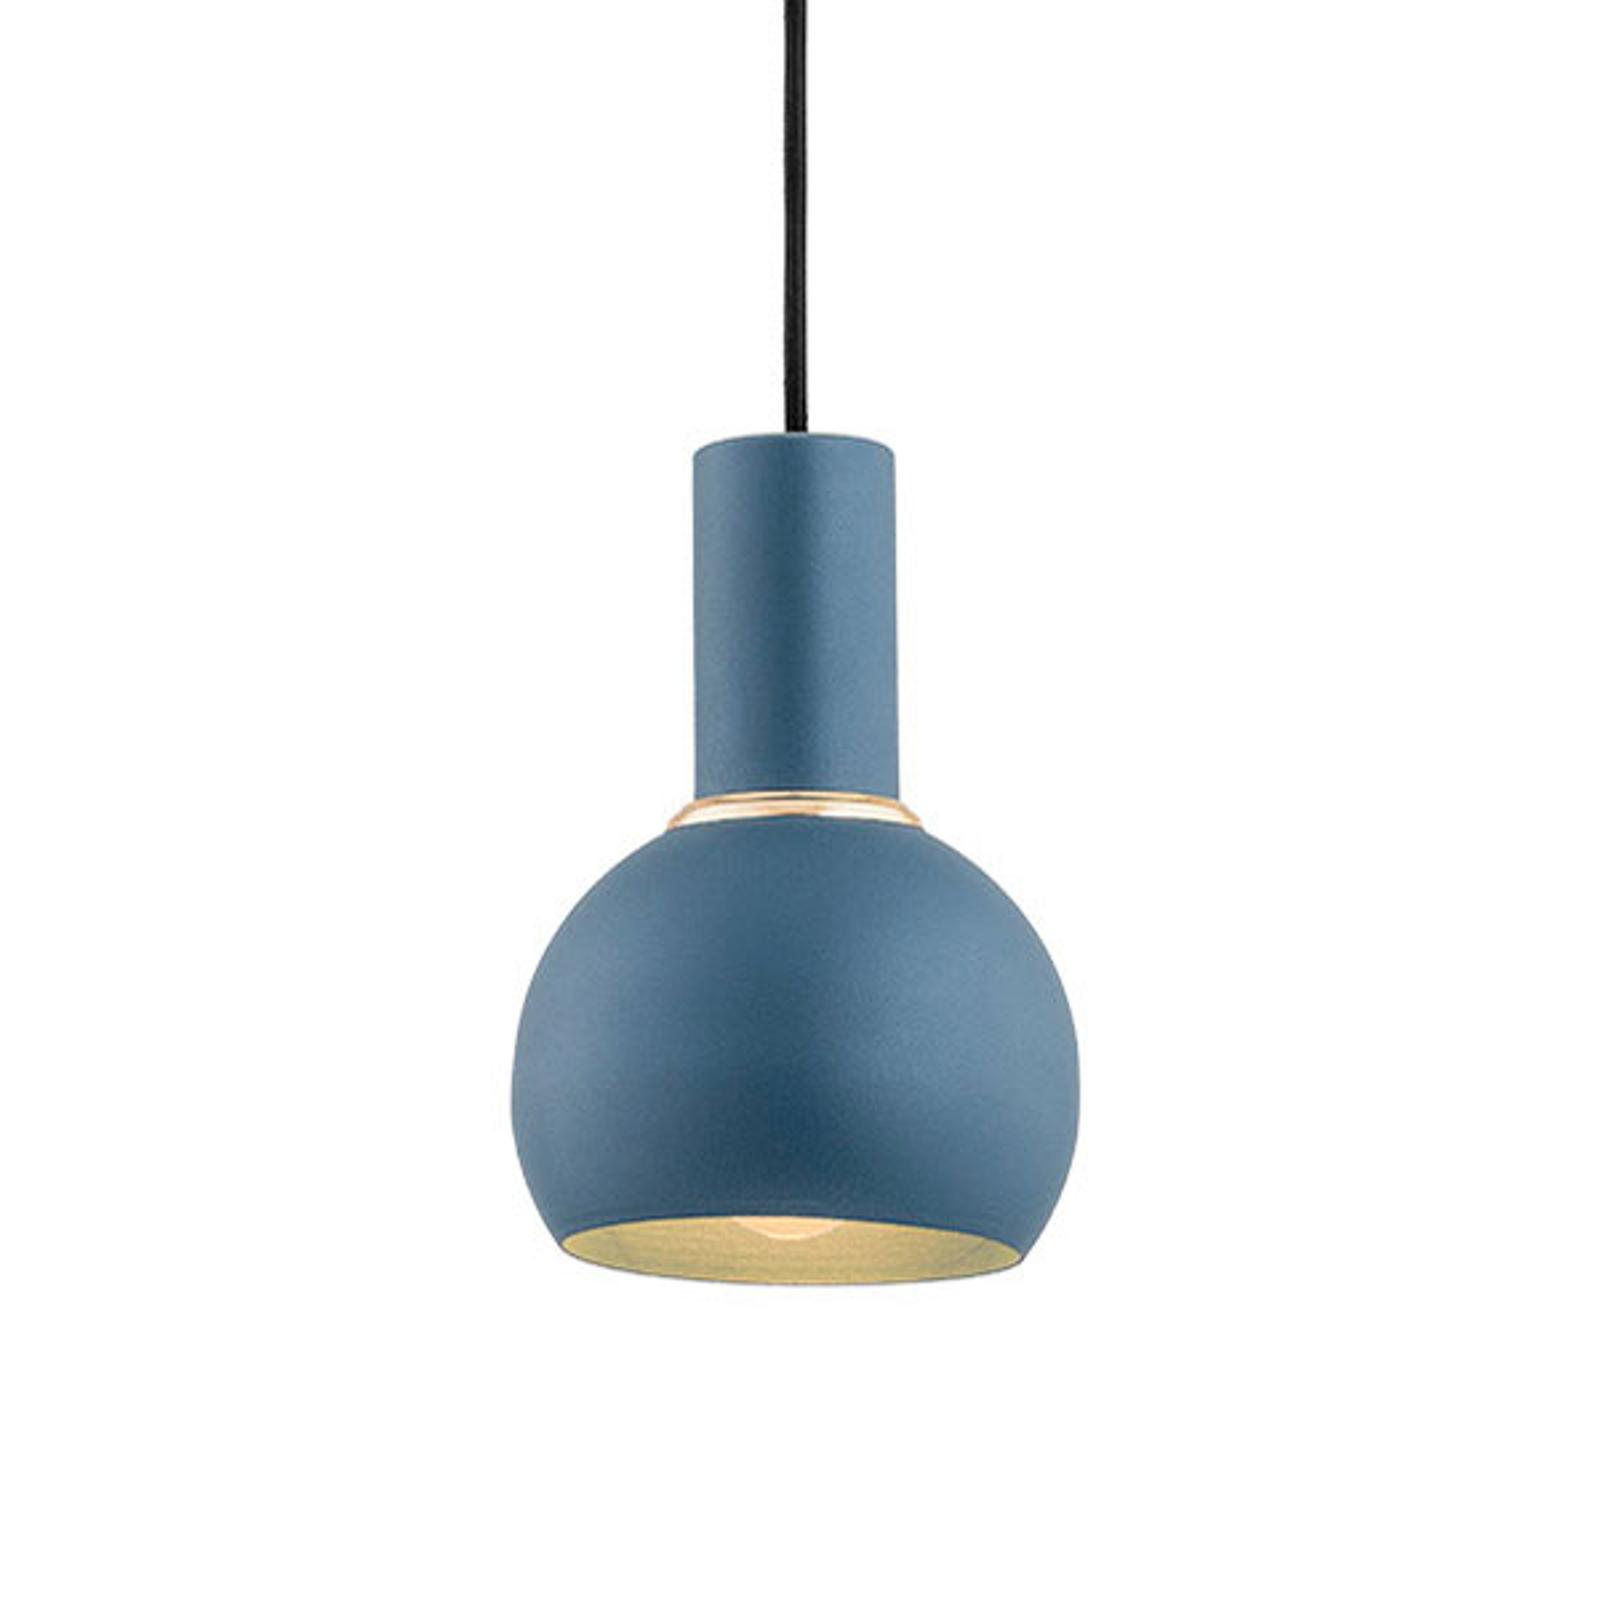 Selma hængelampe, 1 lyskilde, blå, Ø 14 cm